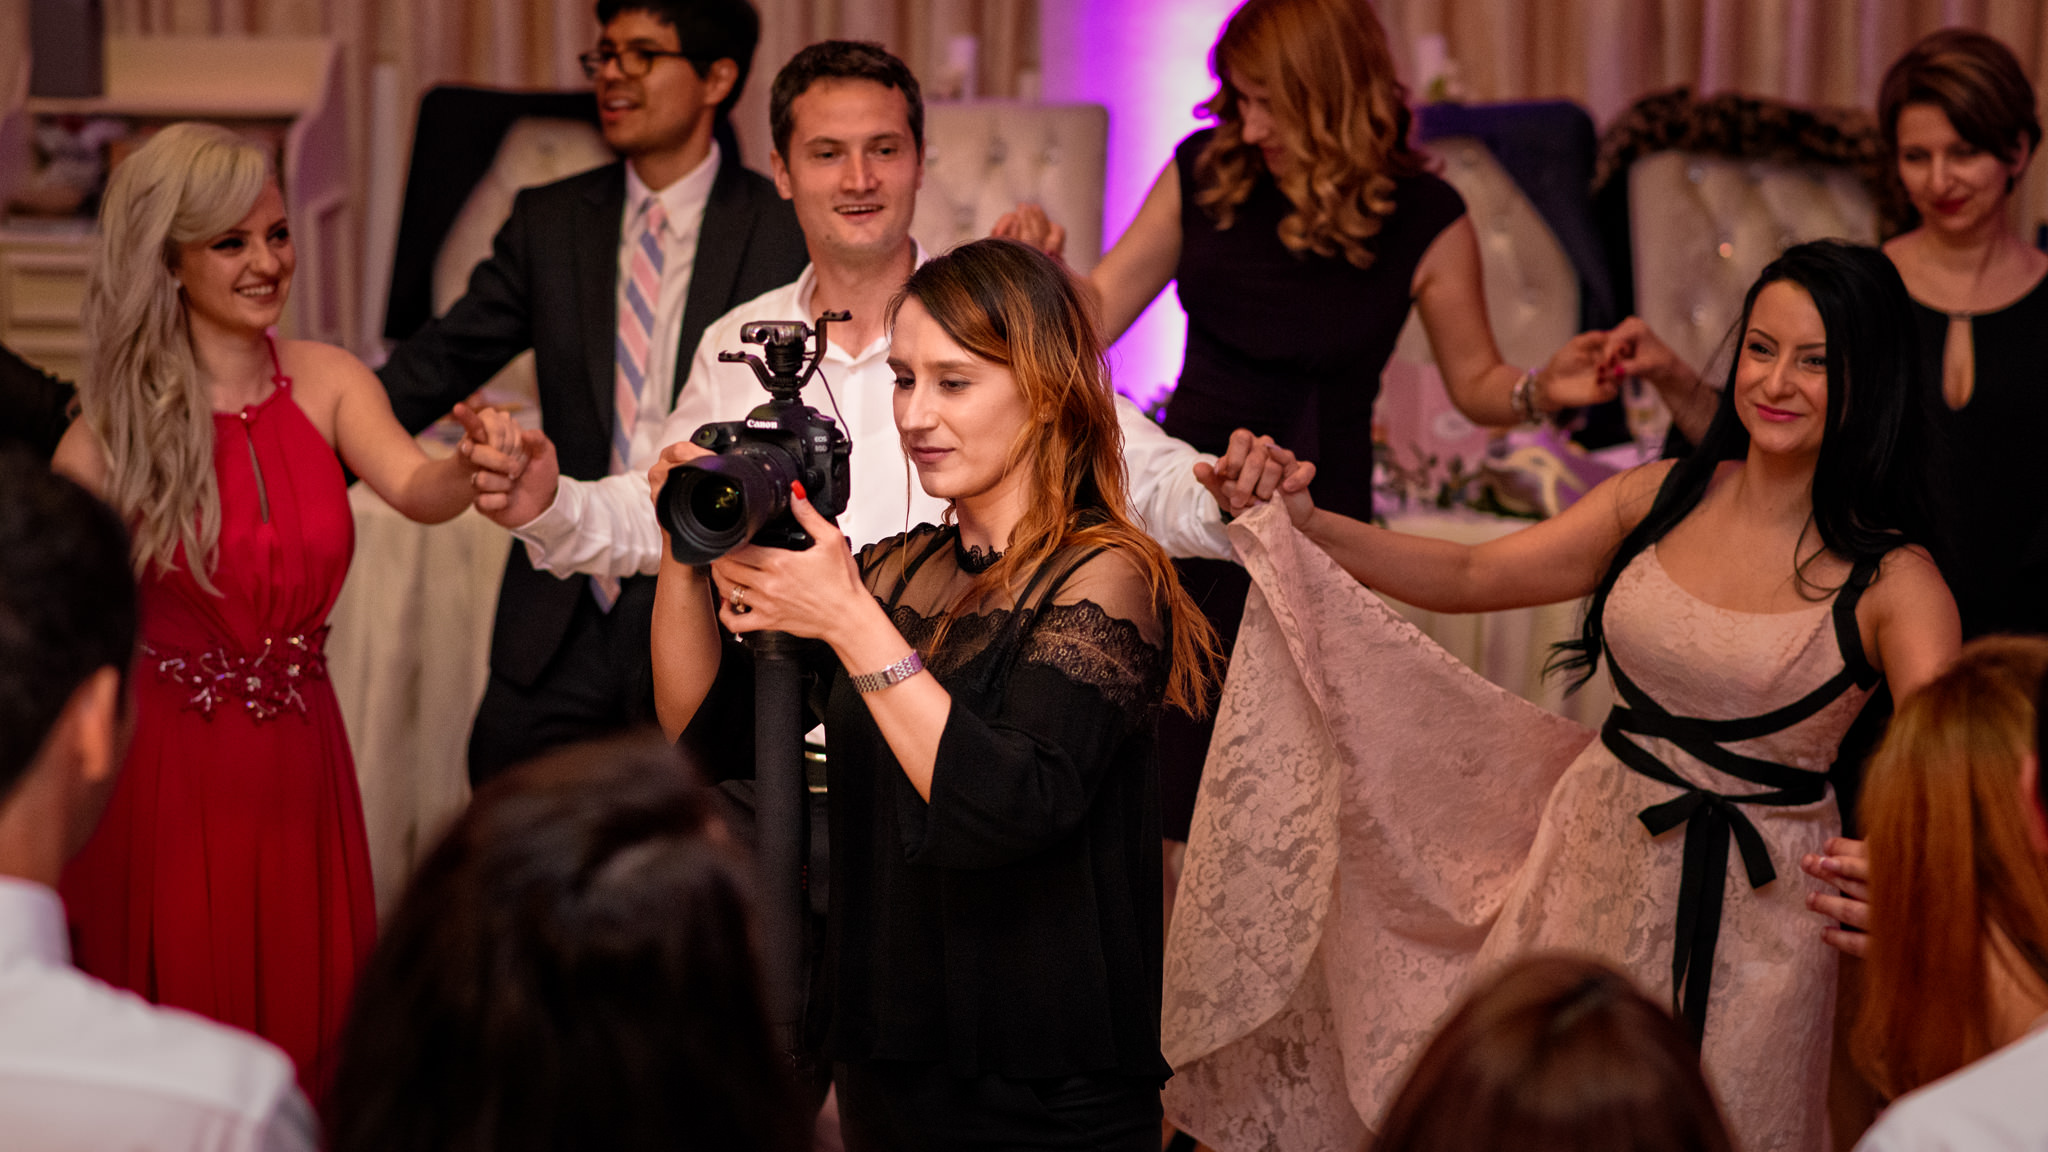 De ce CINEMATICO - Filmare nunta _ Oana Butculescu